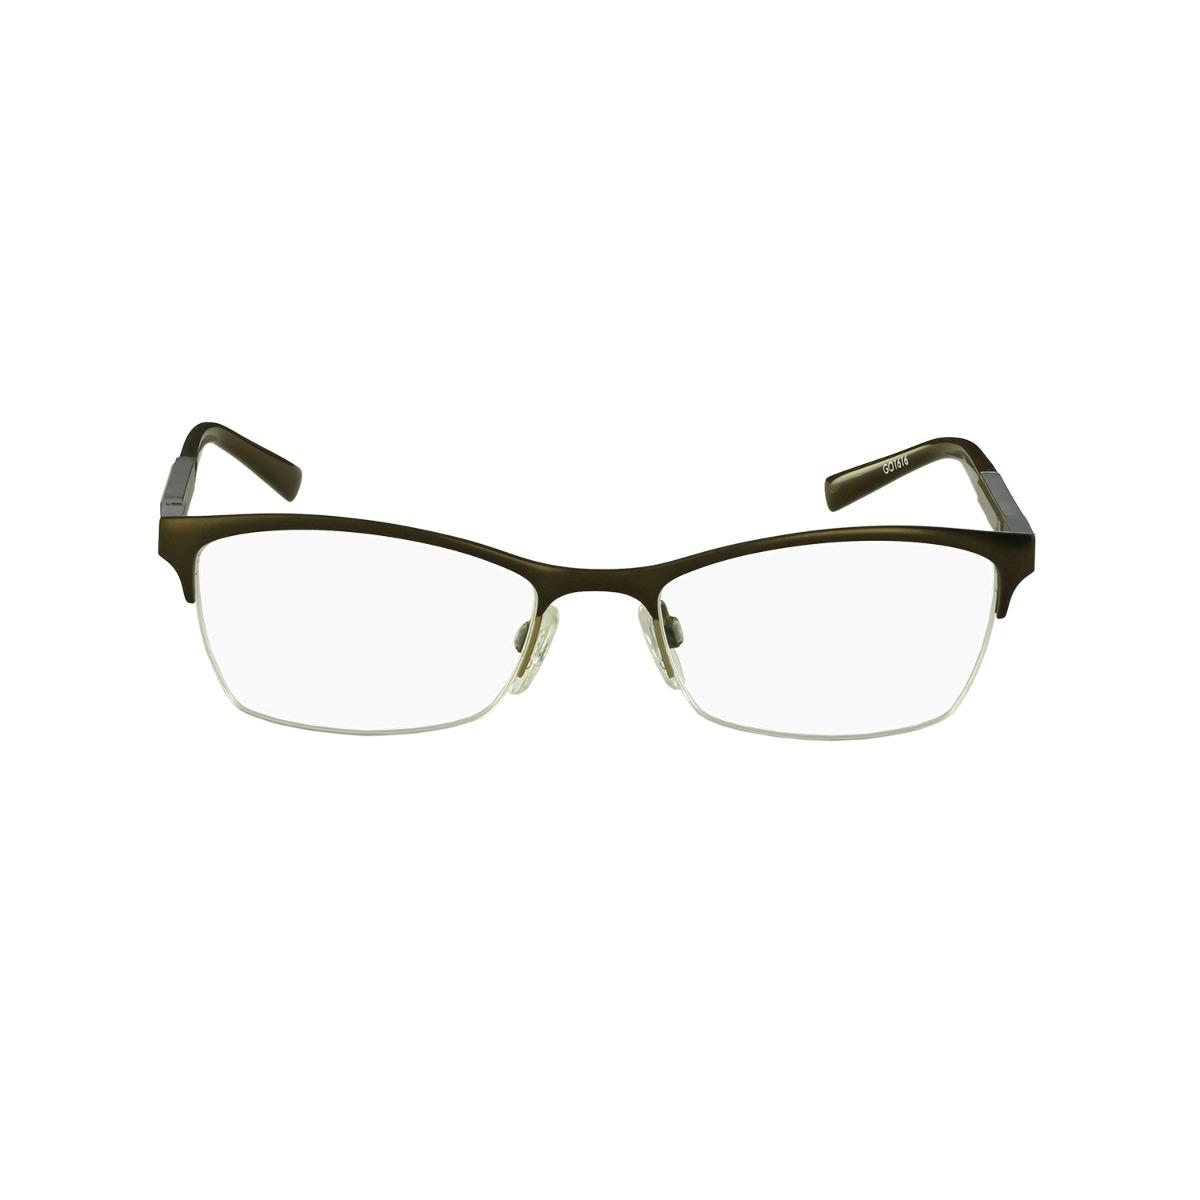 Óculos De Grau Ana Hickmann Casual Marrom Aah2m05171 - R  547,00 em ... e9b8a32f6c